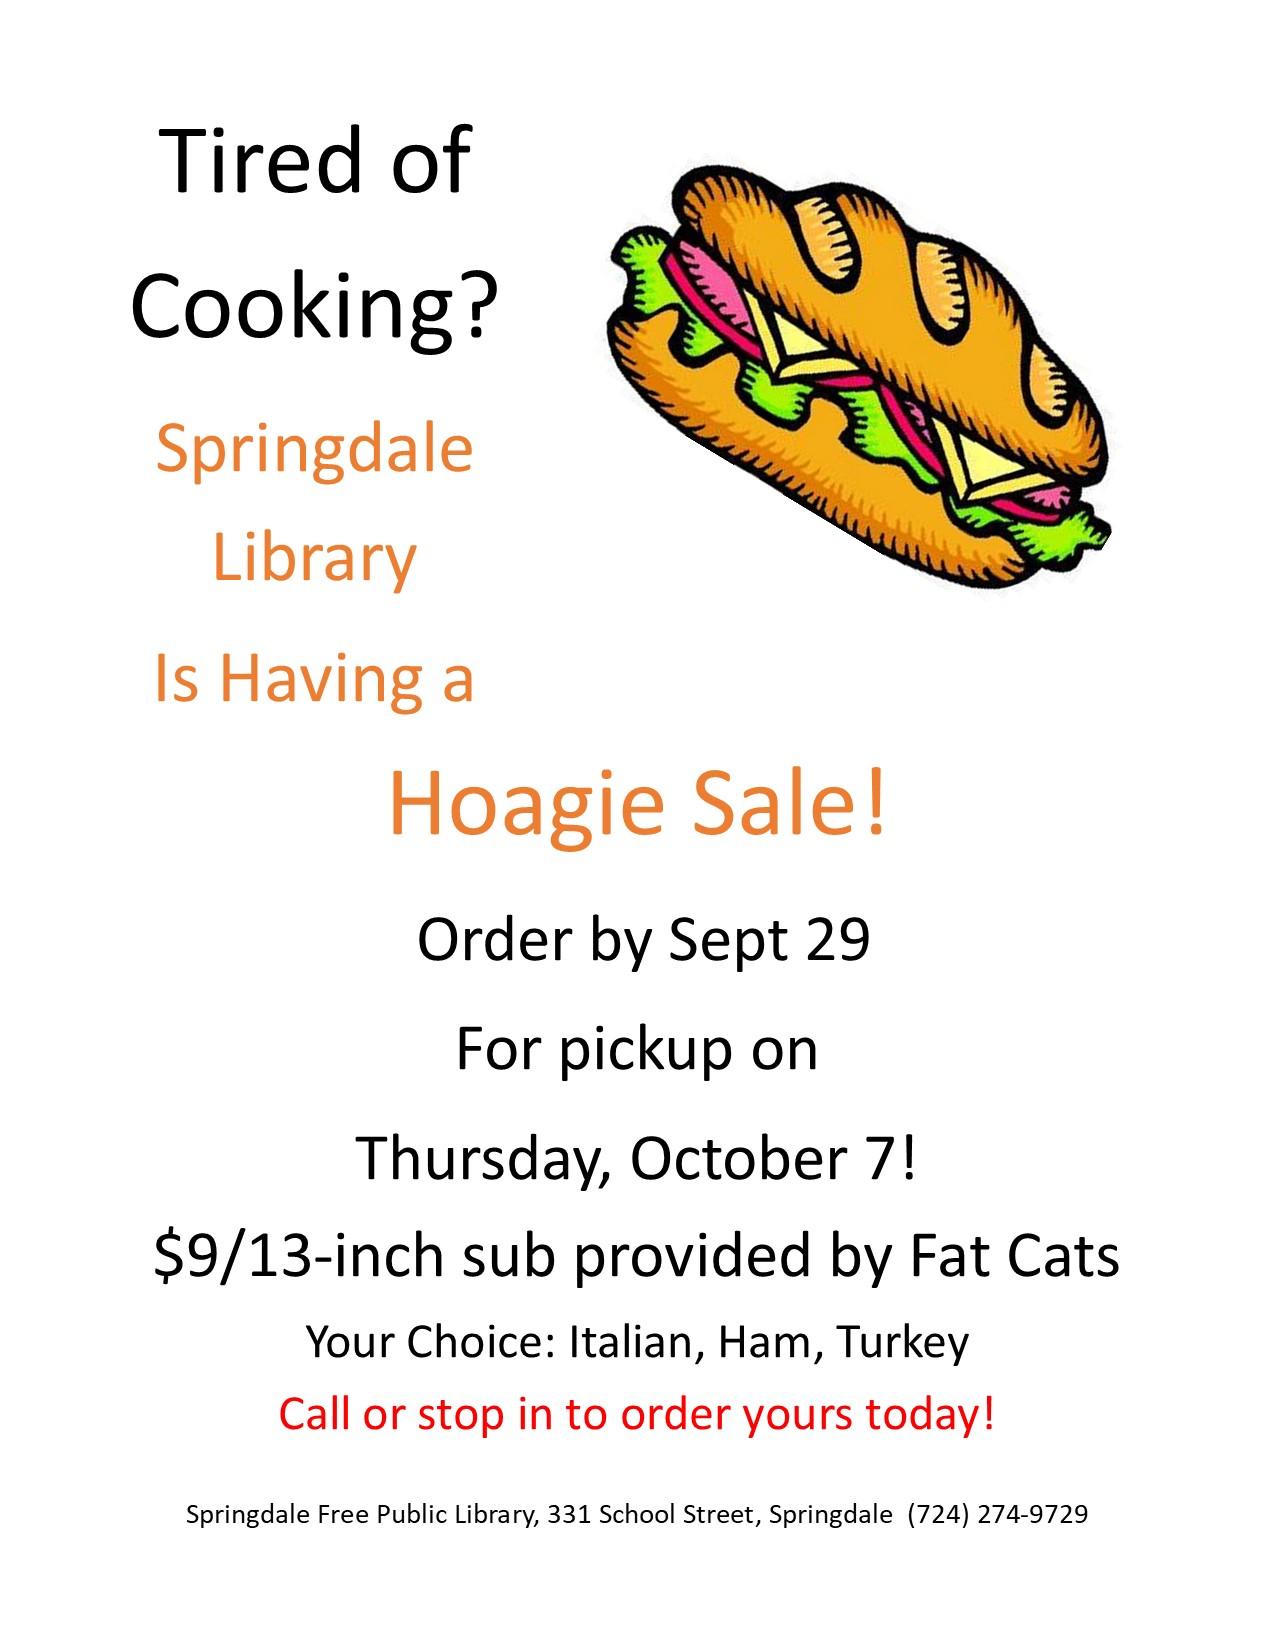 Hoagie Sale